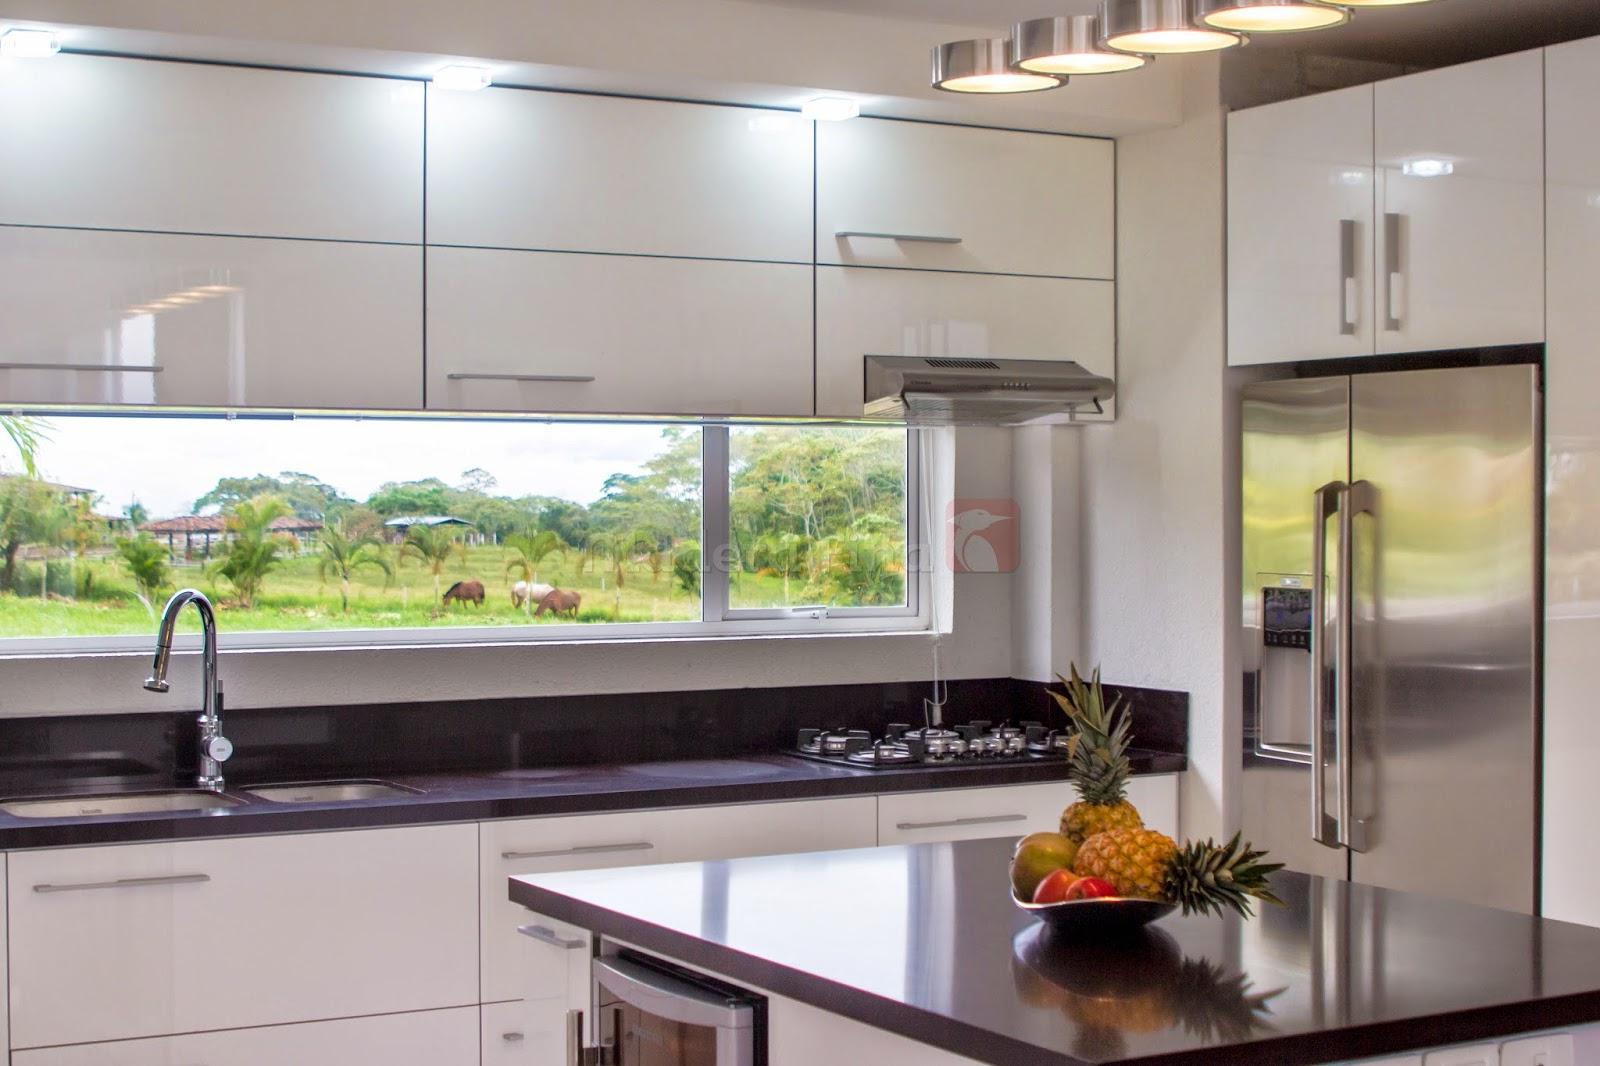 Cocina moderna blanca cocinas integrales pereira for Cocinas integrales modernas